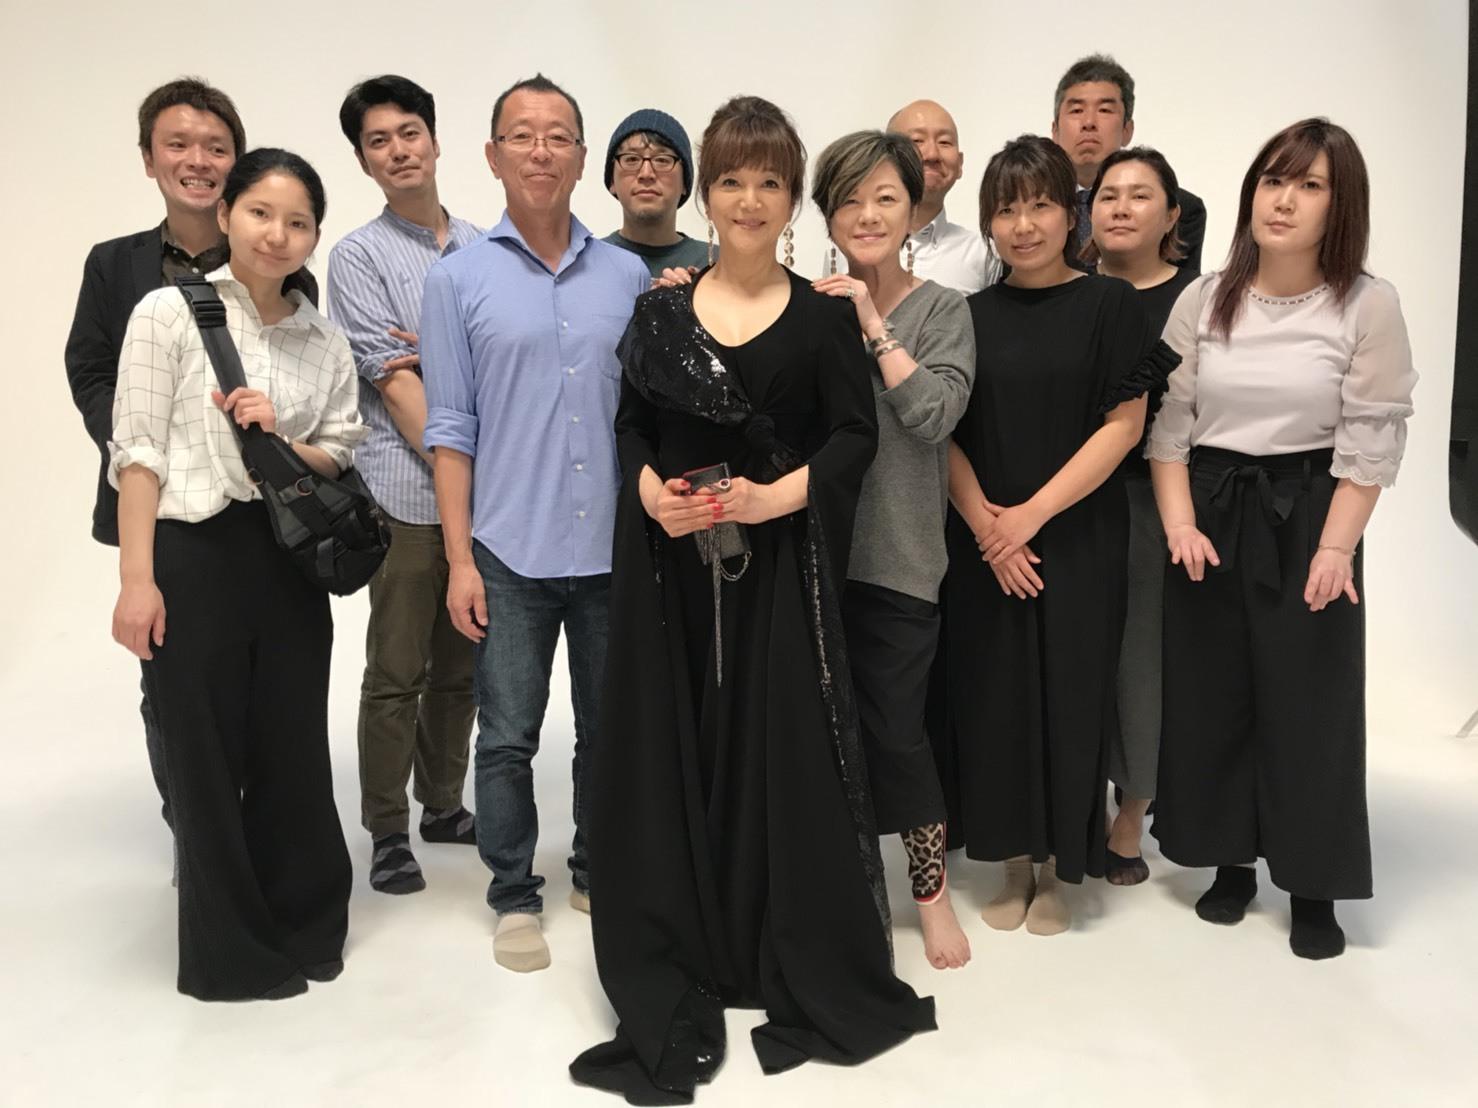 最高の歌姫 岩崎宏美姫と楽しいお仕事♪_d0339889_22080292.jpg